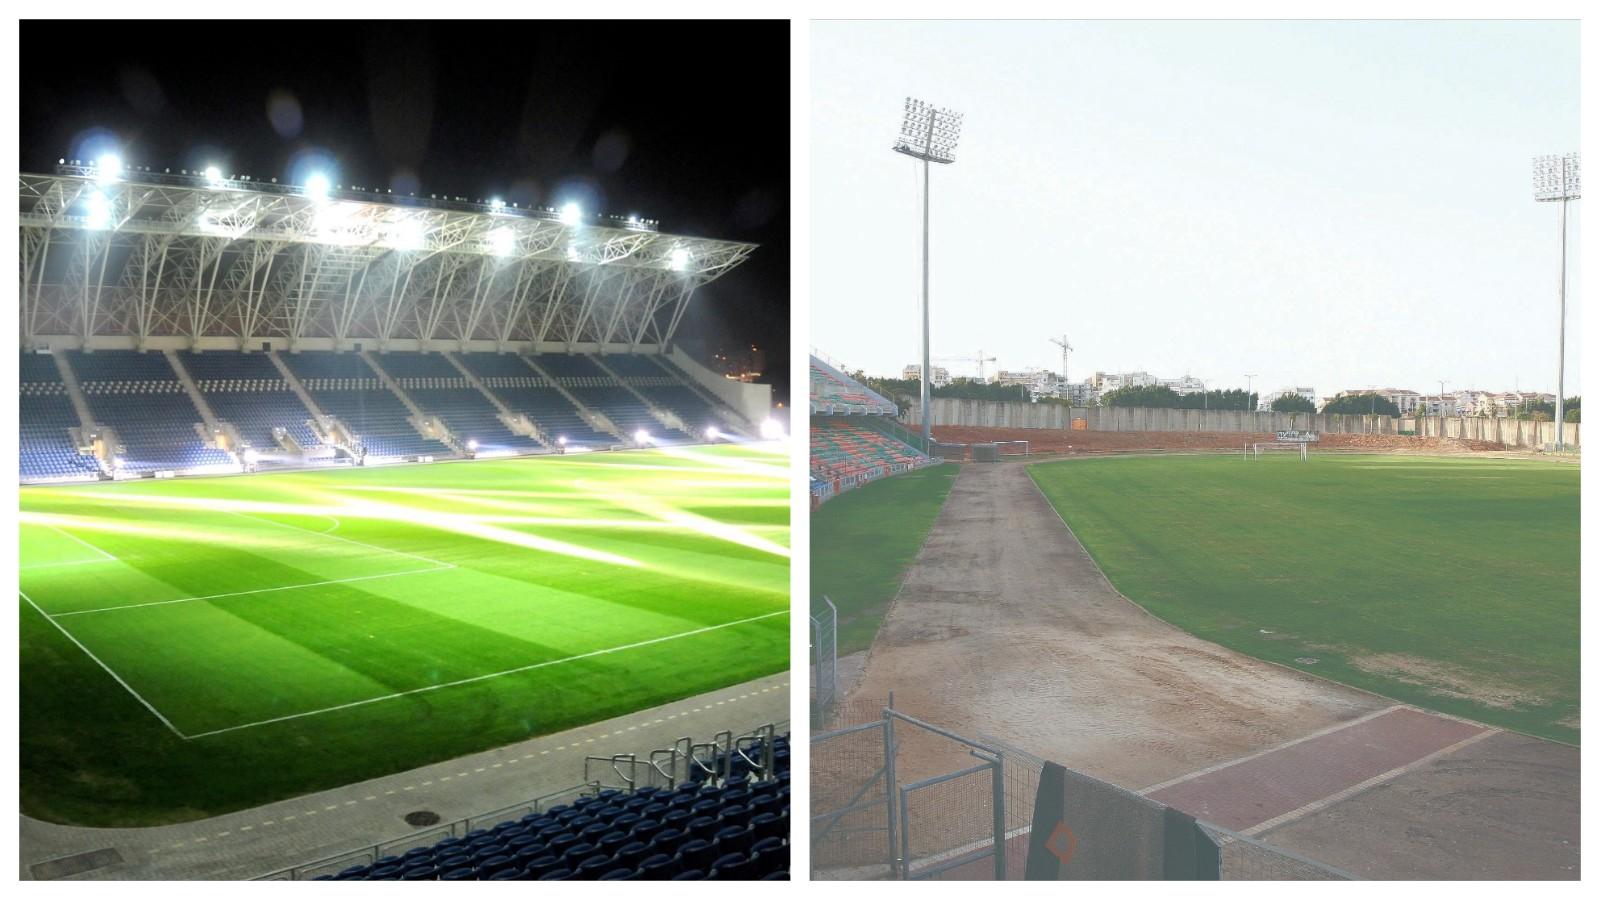 מימין: אצטדיון לויטה, אצטדיון המושבה. צילומים: עזרא לוי, זאב שטרן